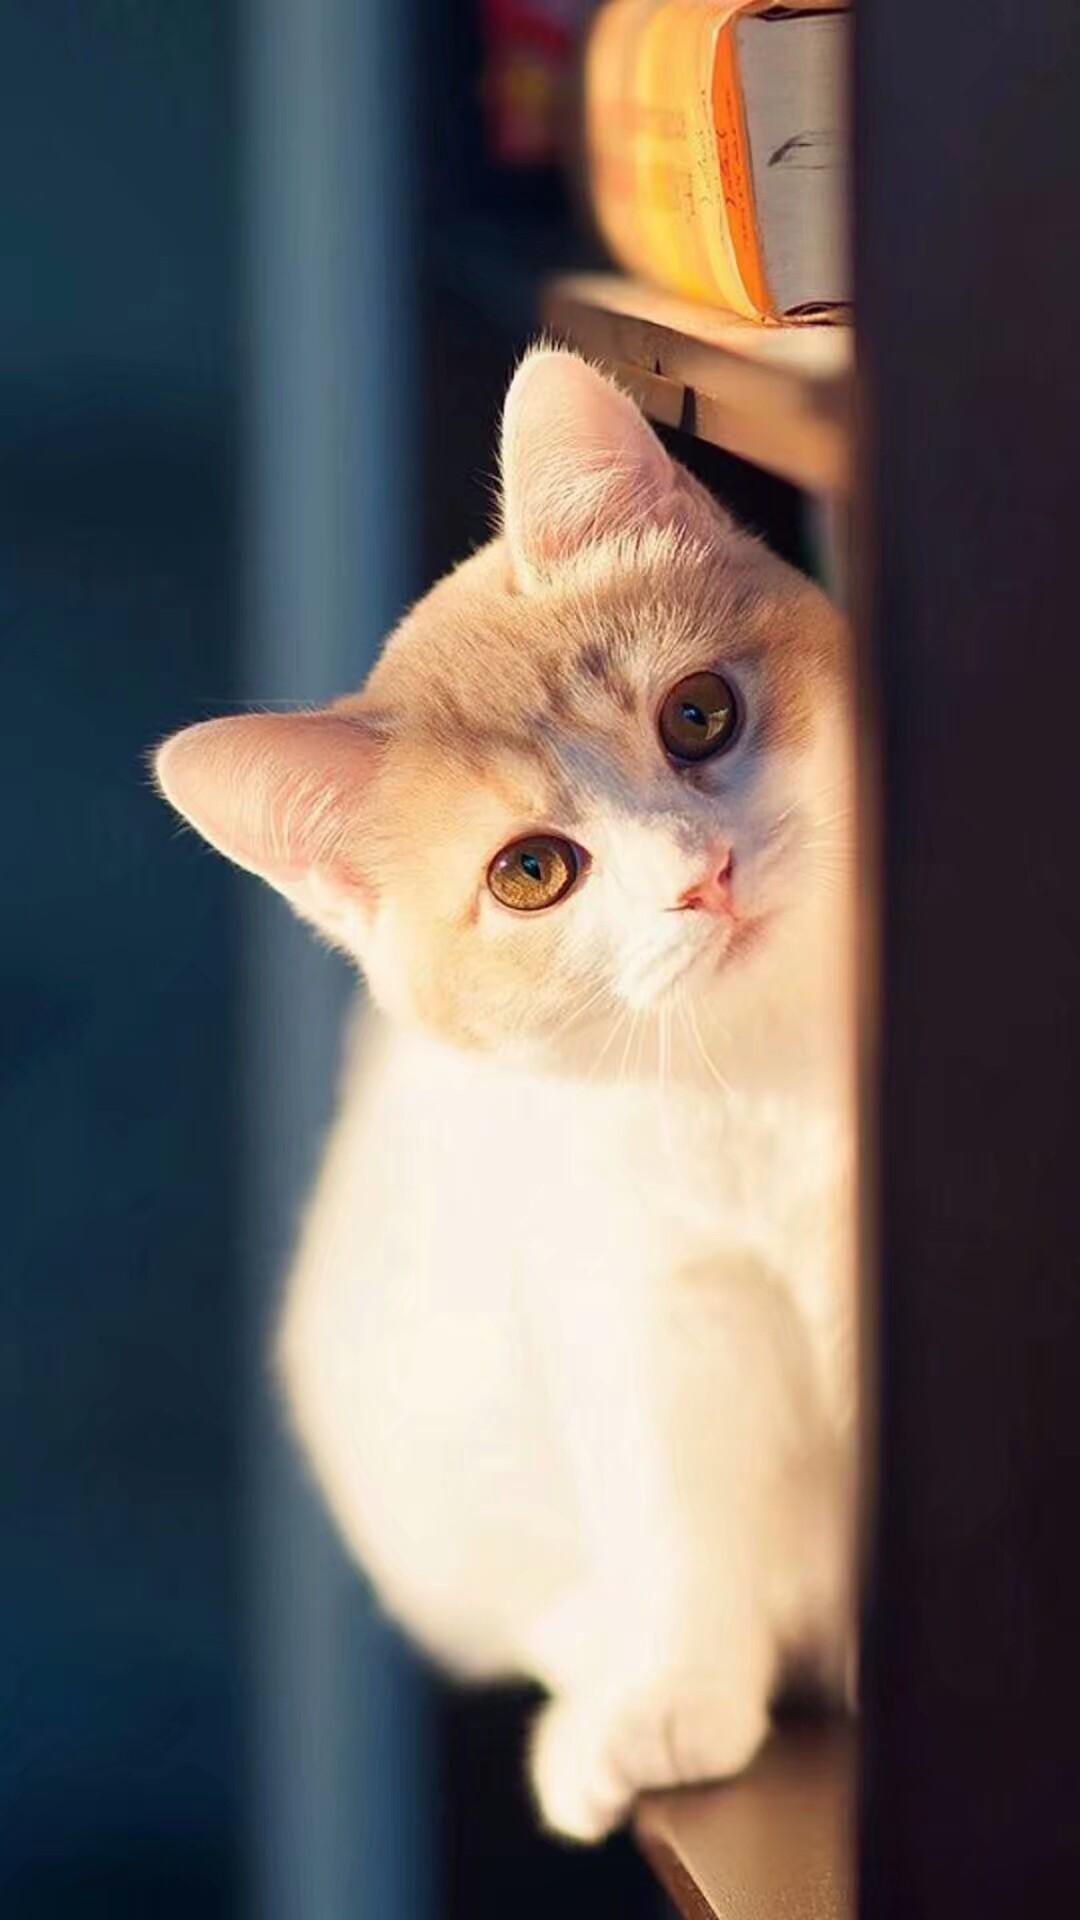 壁纸 动物 猫 猫咪 小猫 桌面 1080_1920 竖版 竖屏 手机